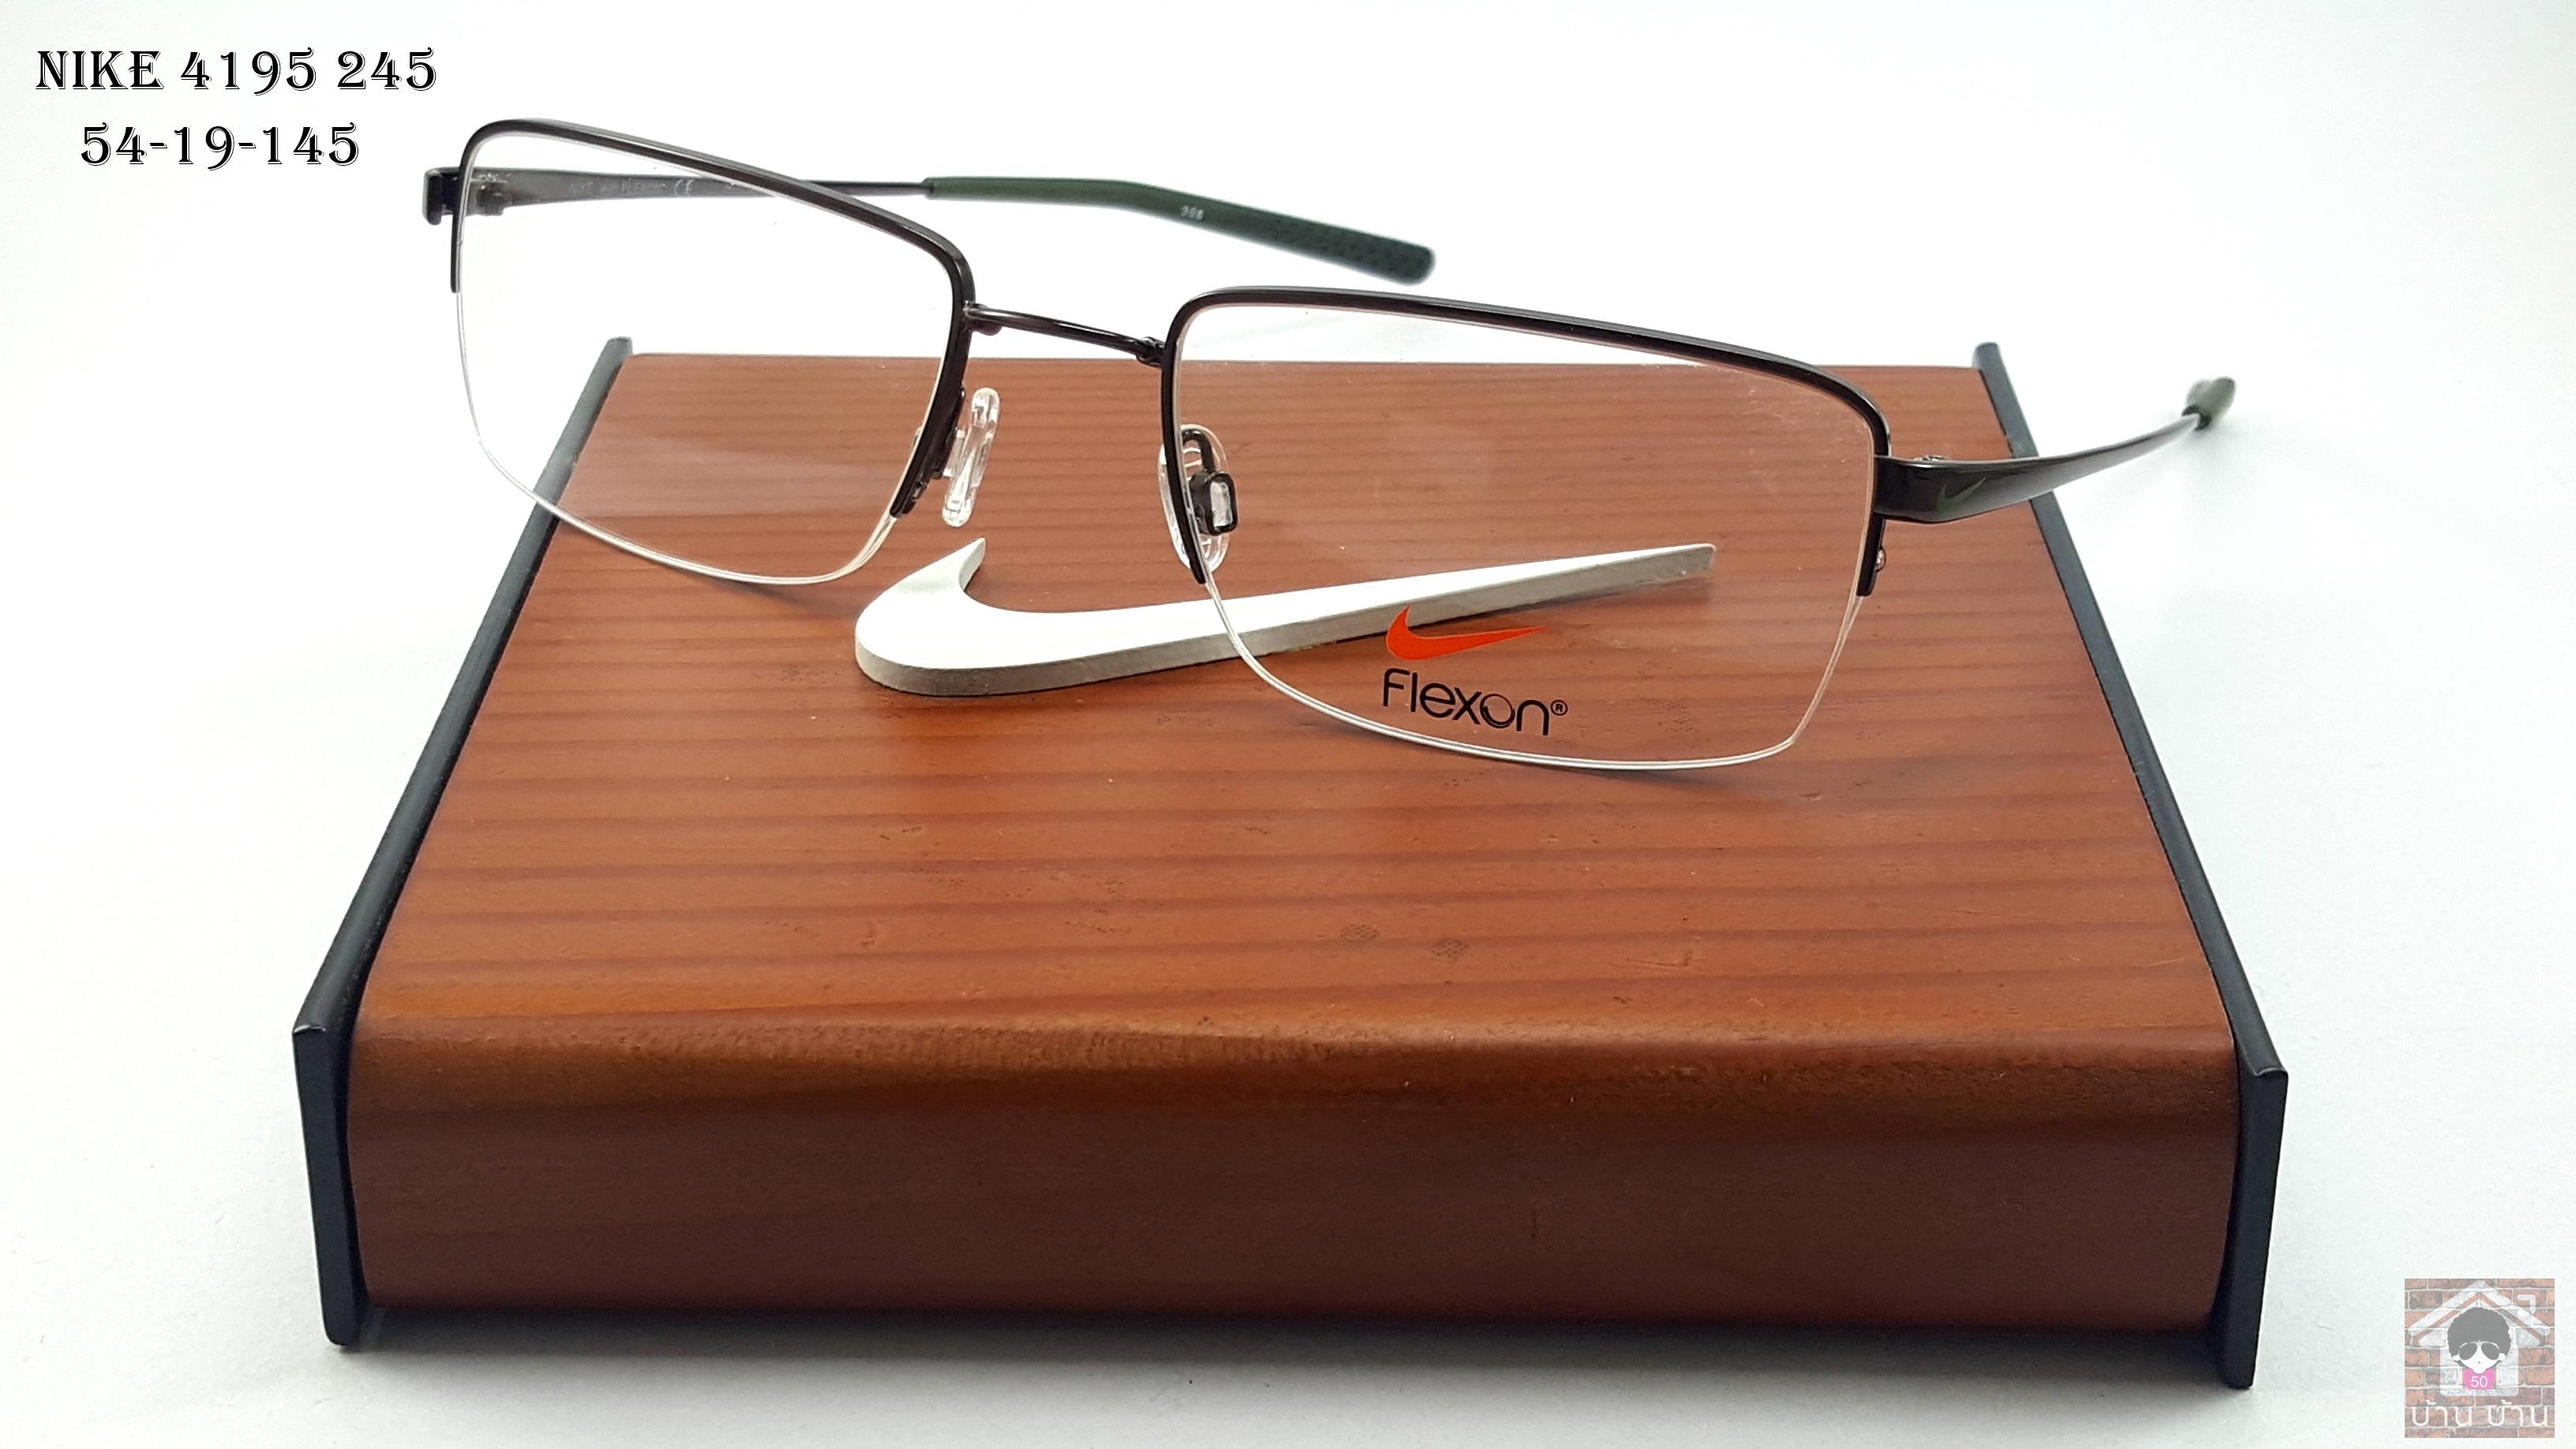 NIKE BRAND ORIGINALแท้ Flexon 4195 245 กรอบแว่นตาพร้อมเลนส์ มัลติโค๊ตHOYA ป้องกันรังสีคอม 5,200 บาท